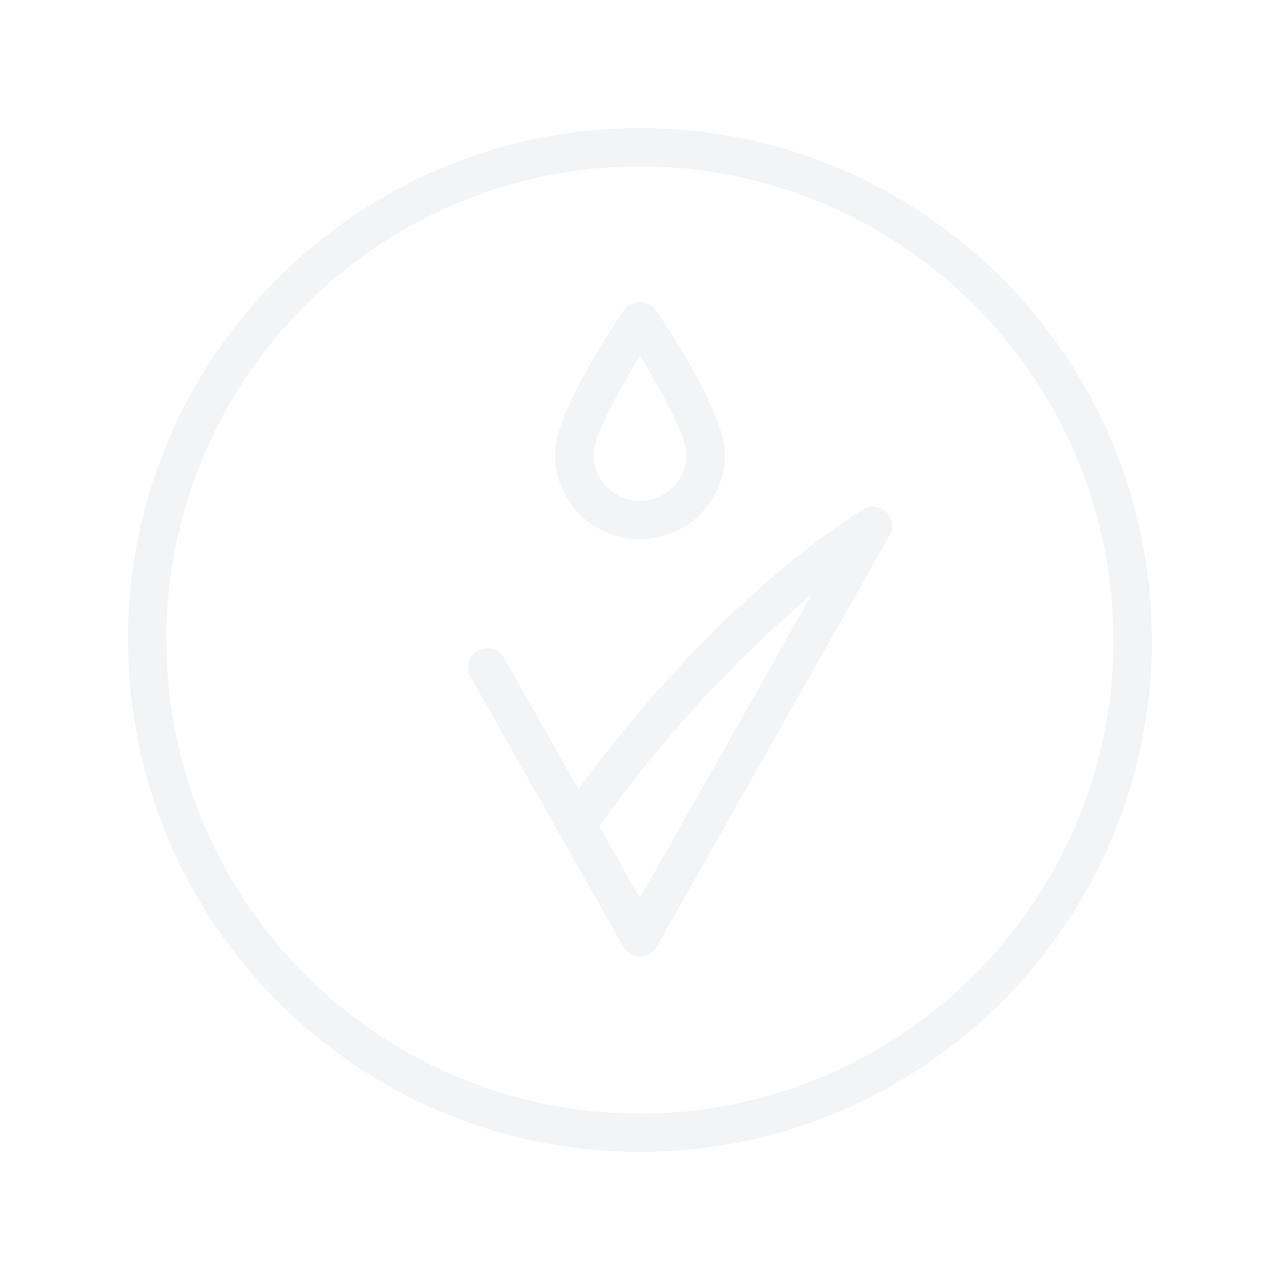 NARCISO RODRIGUEZ Rouge 50ml Eau De Parfum Gift Set